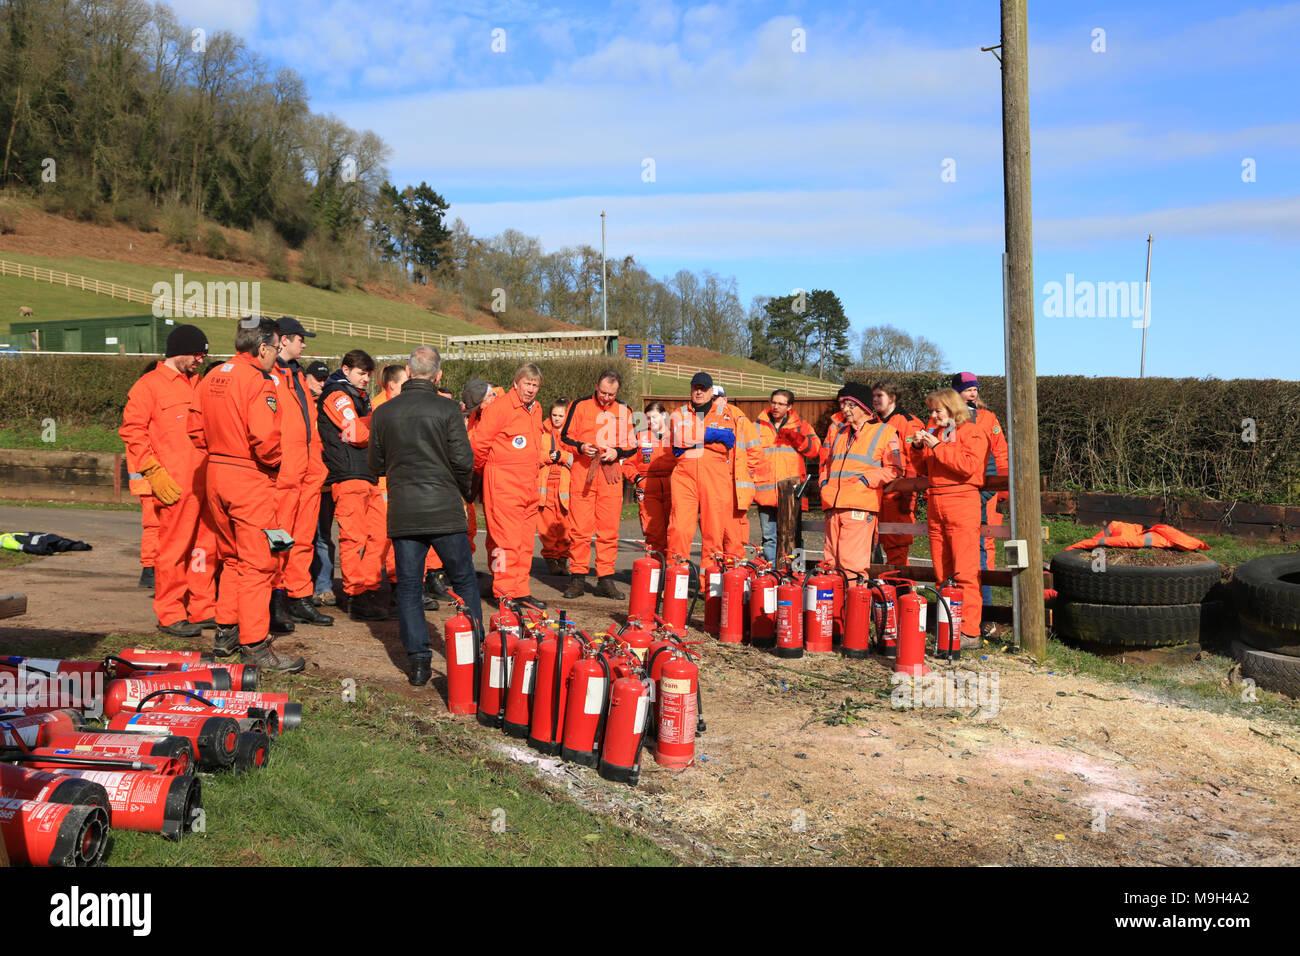 Motor Sport marescialli essendo indicato nell uso delle attrezzature antincendio. Immagini Stock